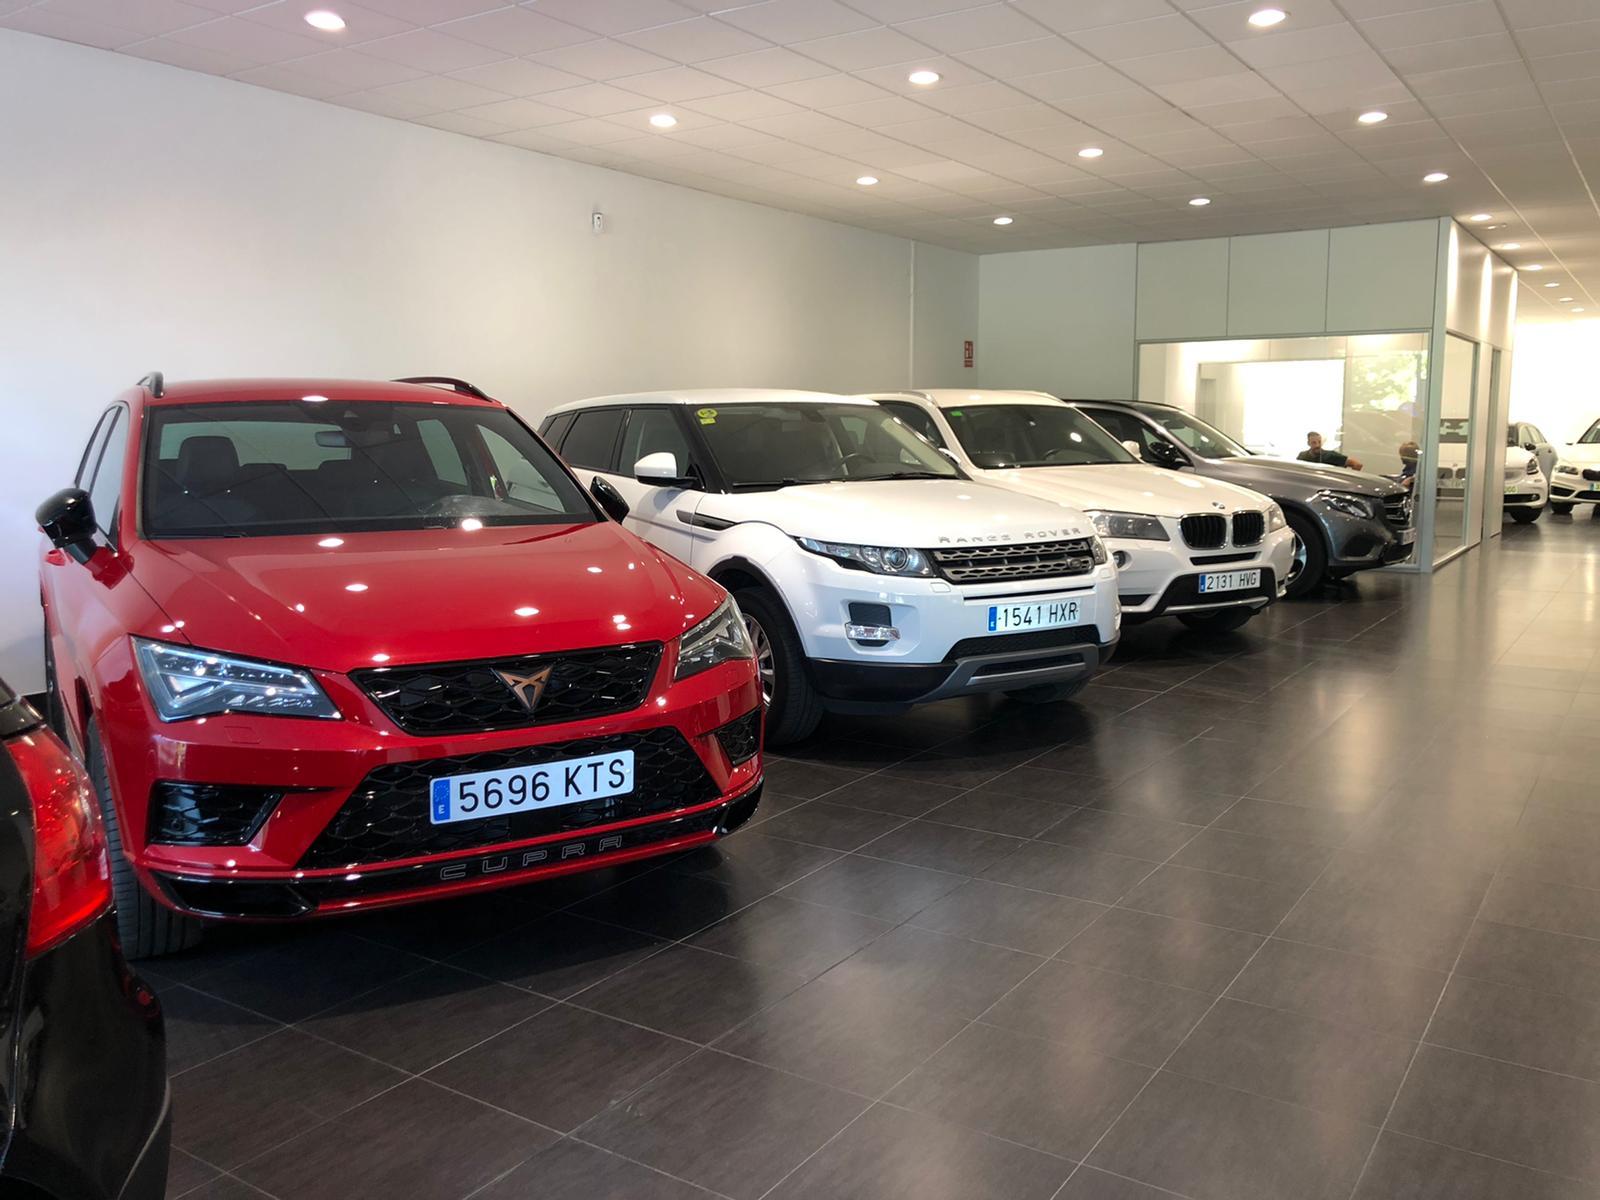 Cotxes a la botiga de Taxacio GSV a Sant Cugat. FOTO: Cedida